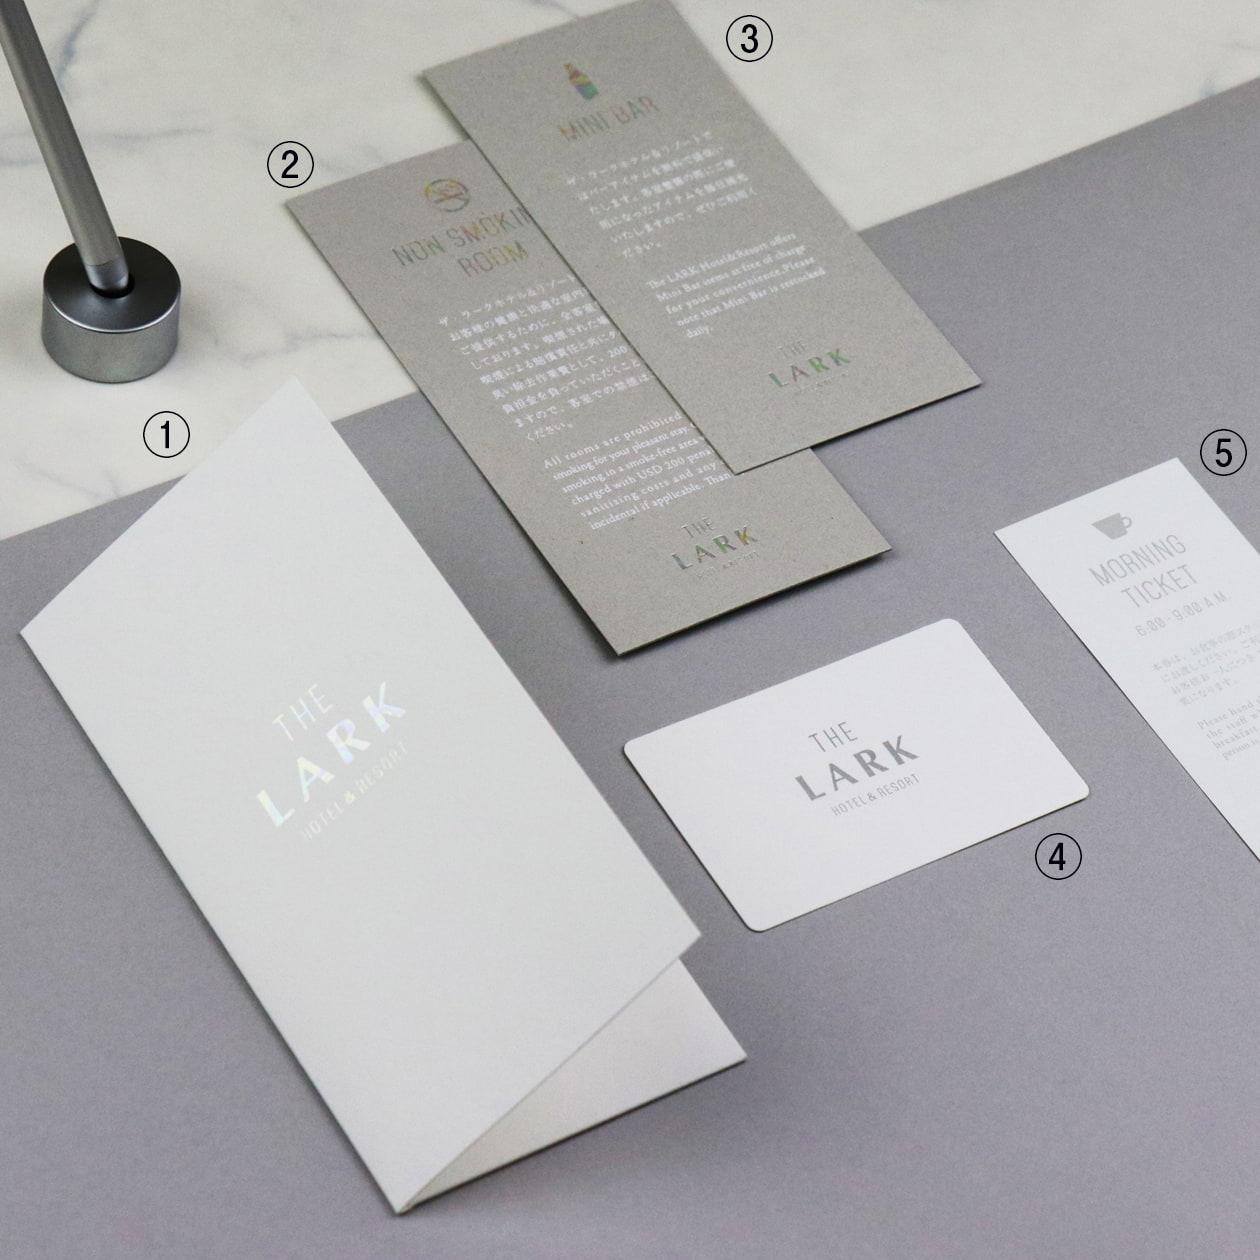 プリズム箔が目をひく ホテルのカードキー・チケット収納用フォルダー